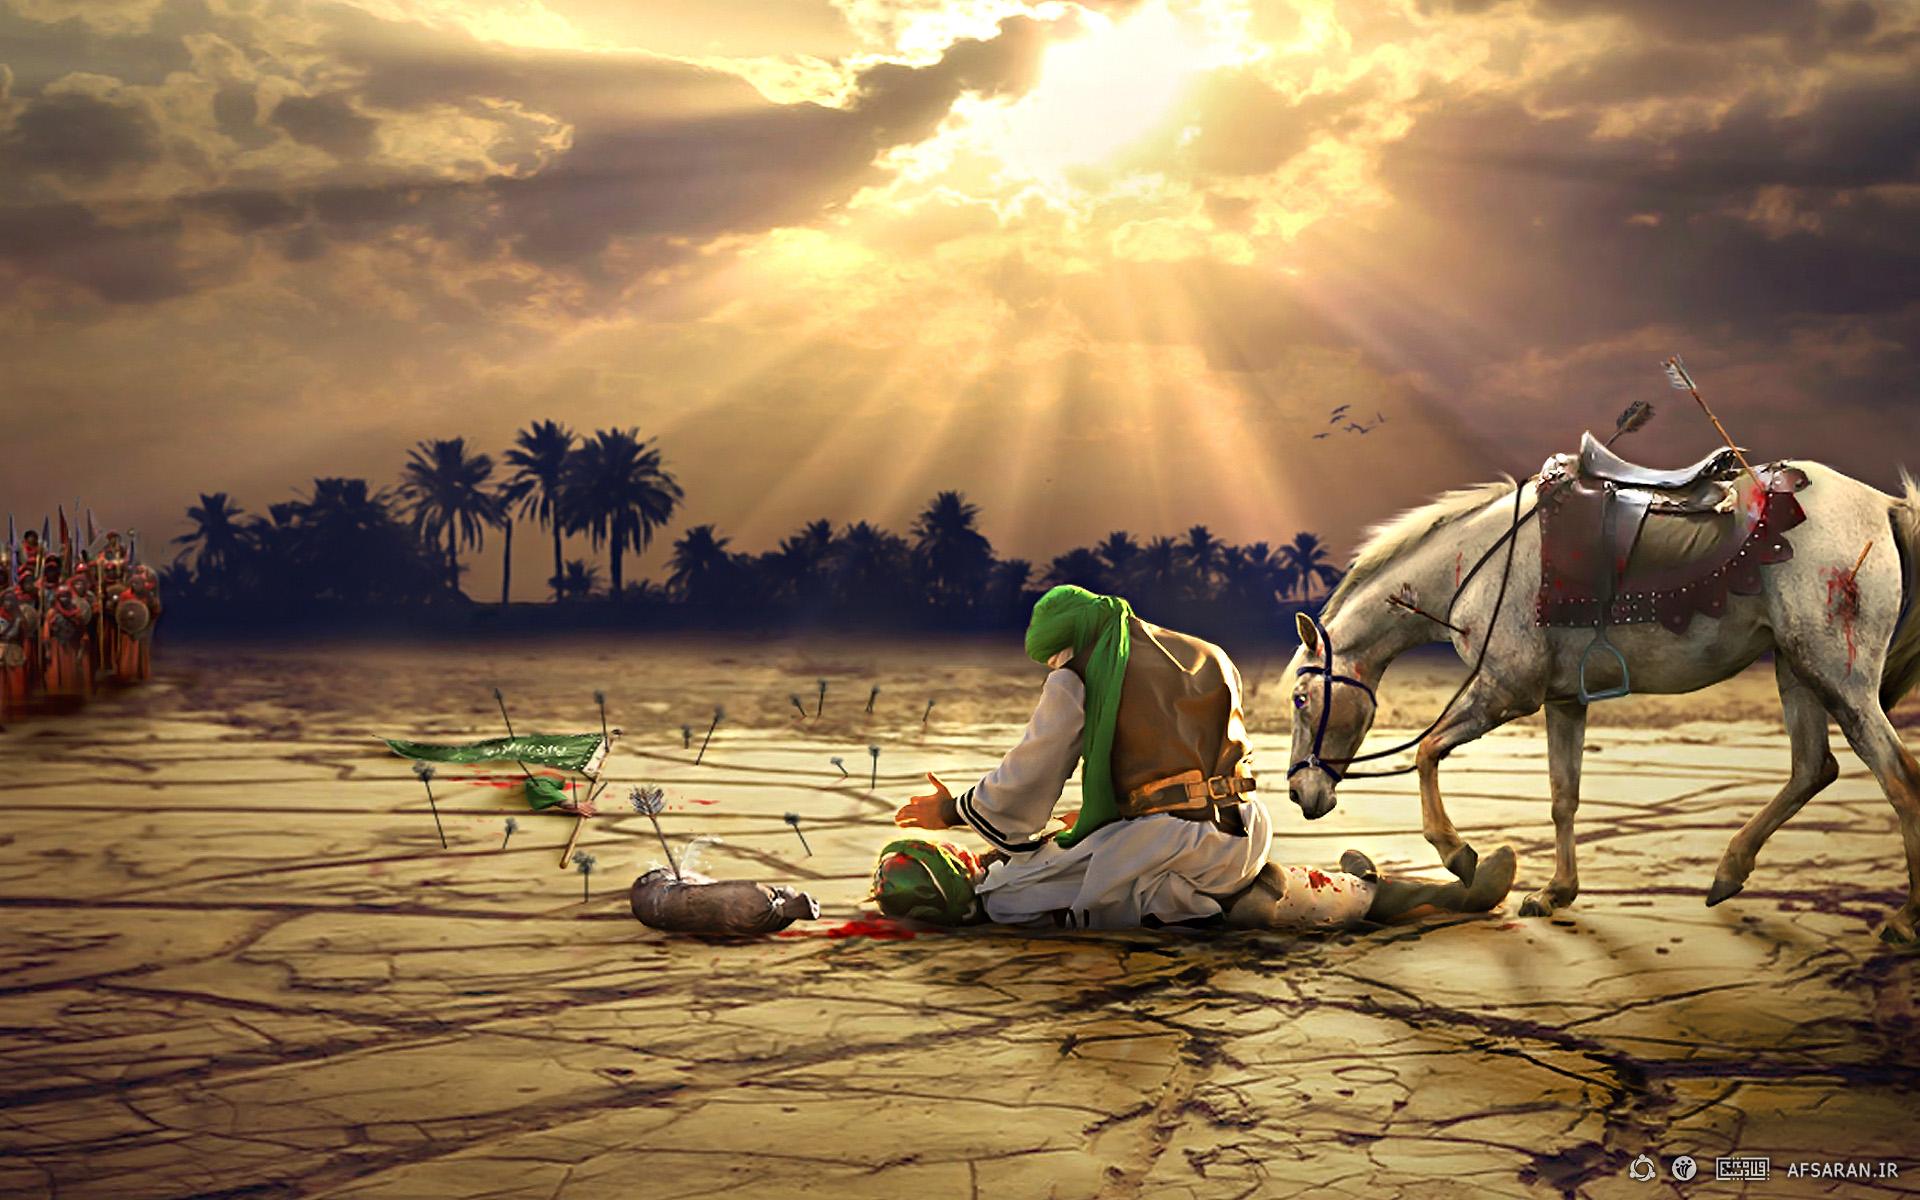 تصاویر واقعی حضرت عباس